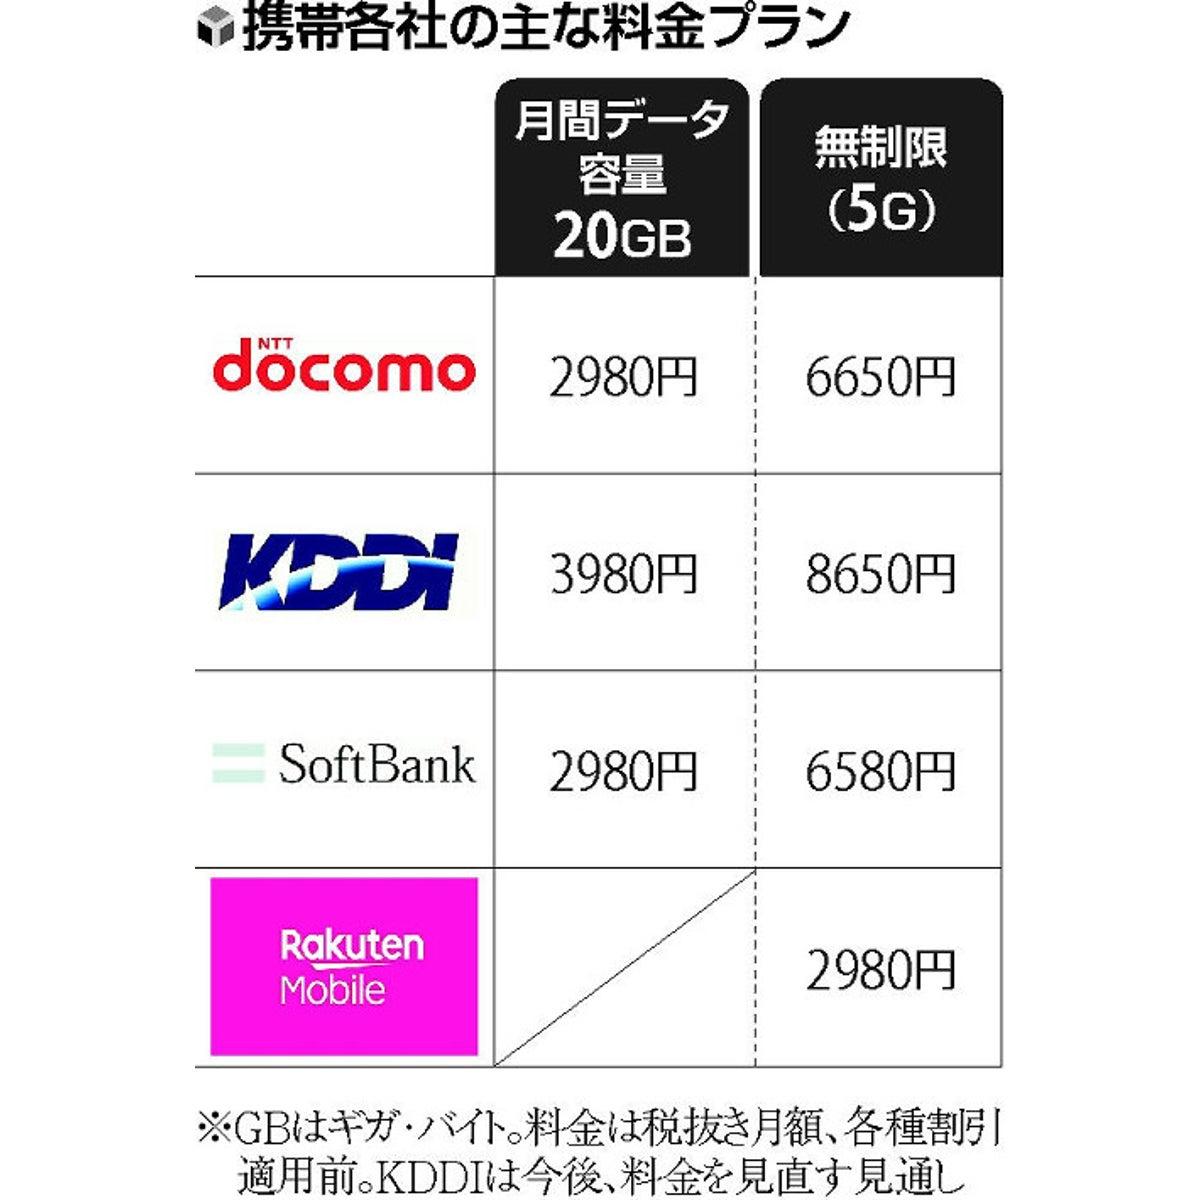 円 ソフトバンク 2980 ソフトバンク2980円新料金プラン「LINEがギガノーカウント」ahamoプラン比較/違い・優れているのは?